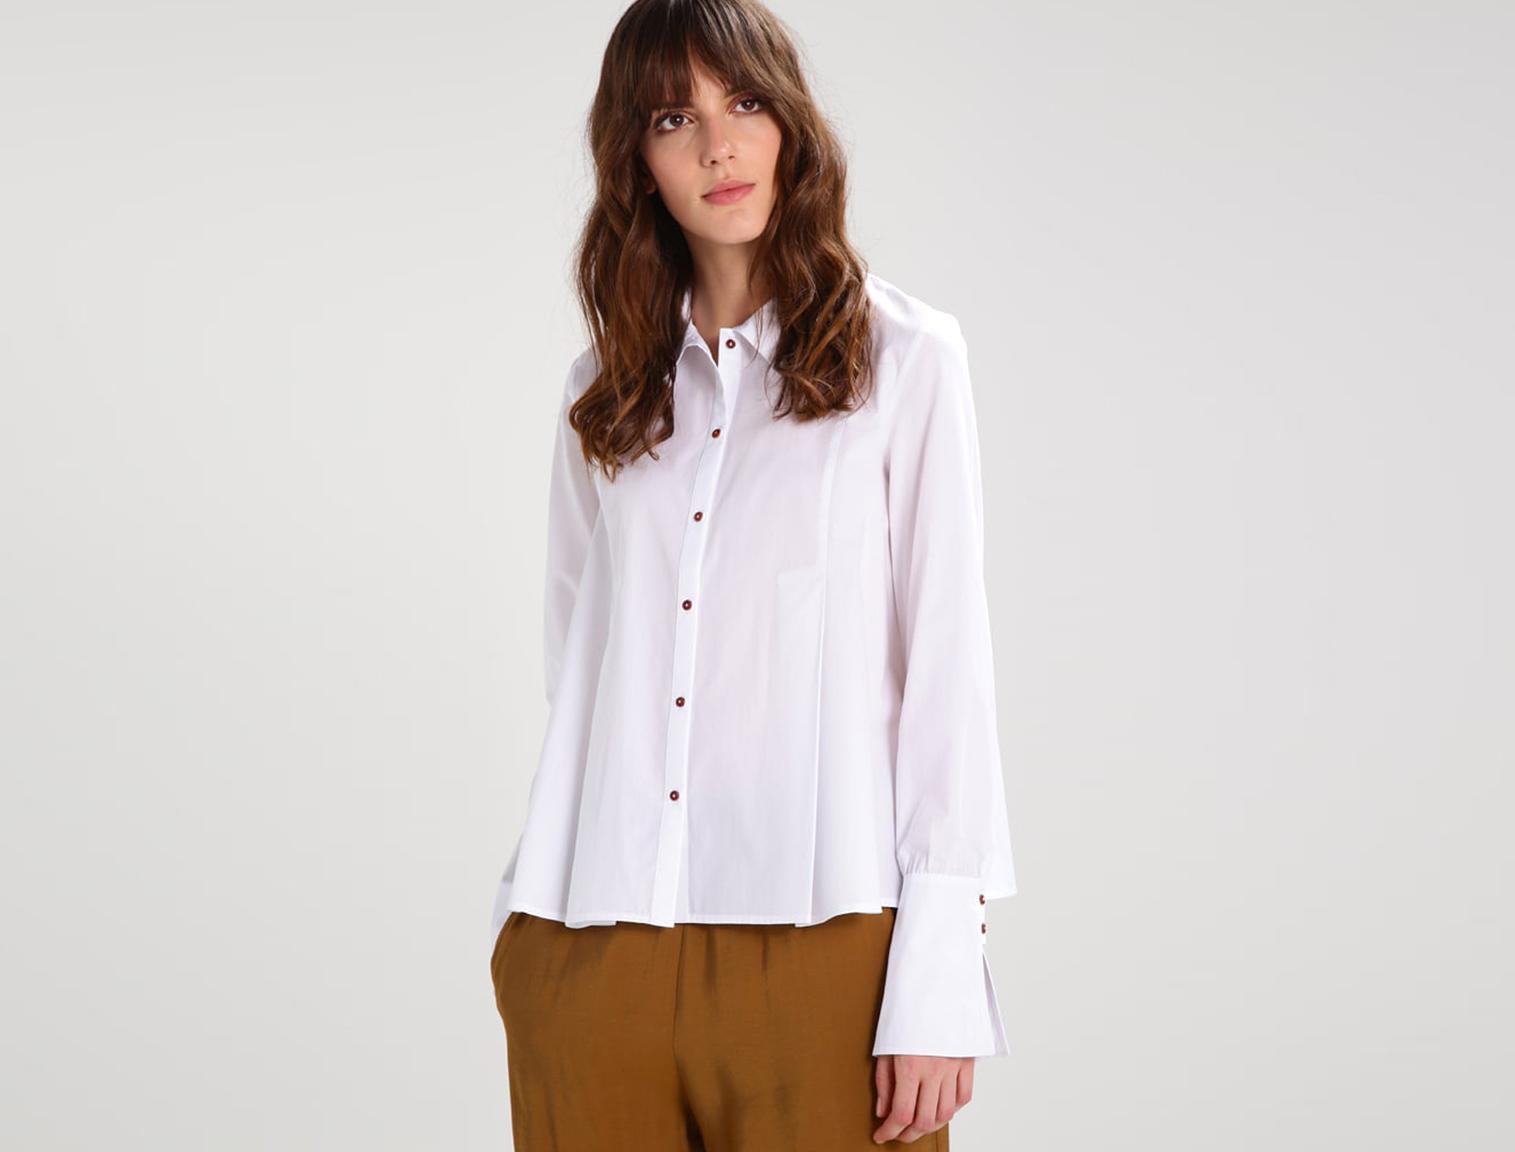 Biała koszula dla kobiet w Zalando